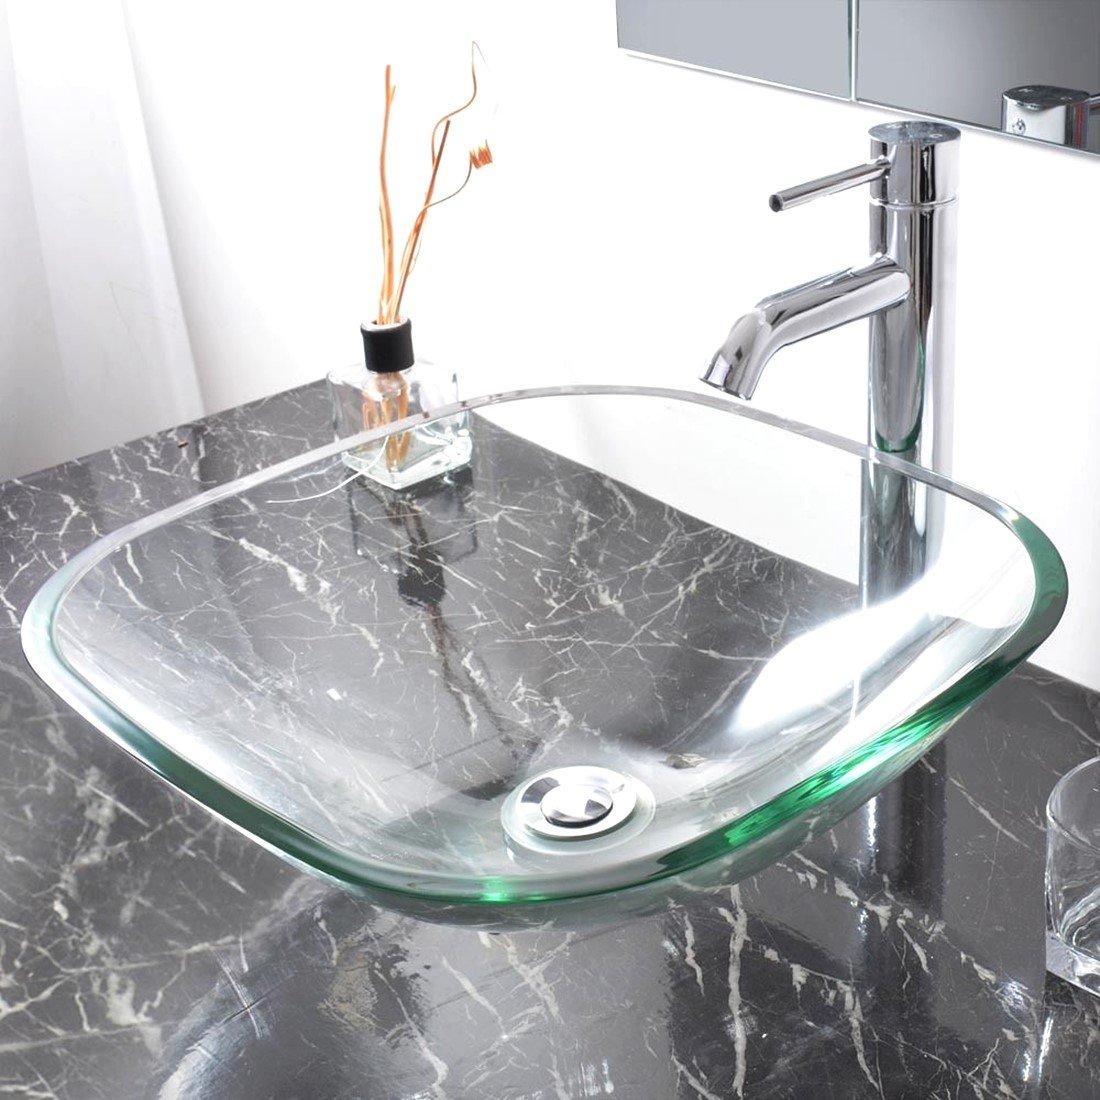 60 Off Modern Tempered Glass Bathroom Vessel Sink Natural Washroom Clear Vanity Basin